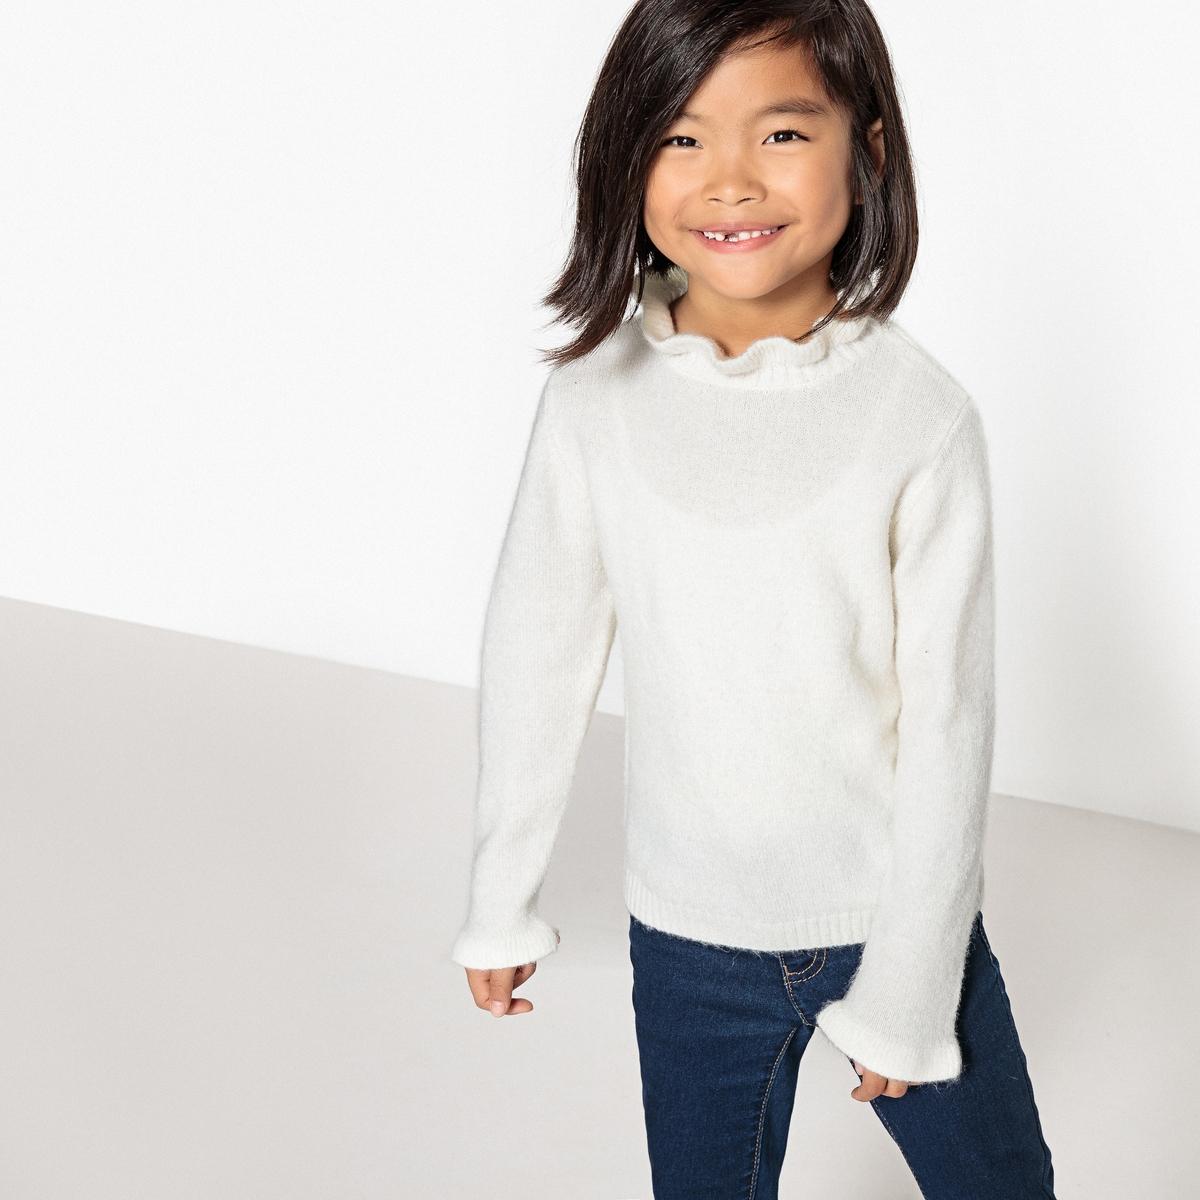 Пуловер с воланами 3-12 лет